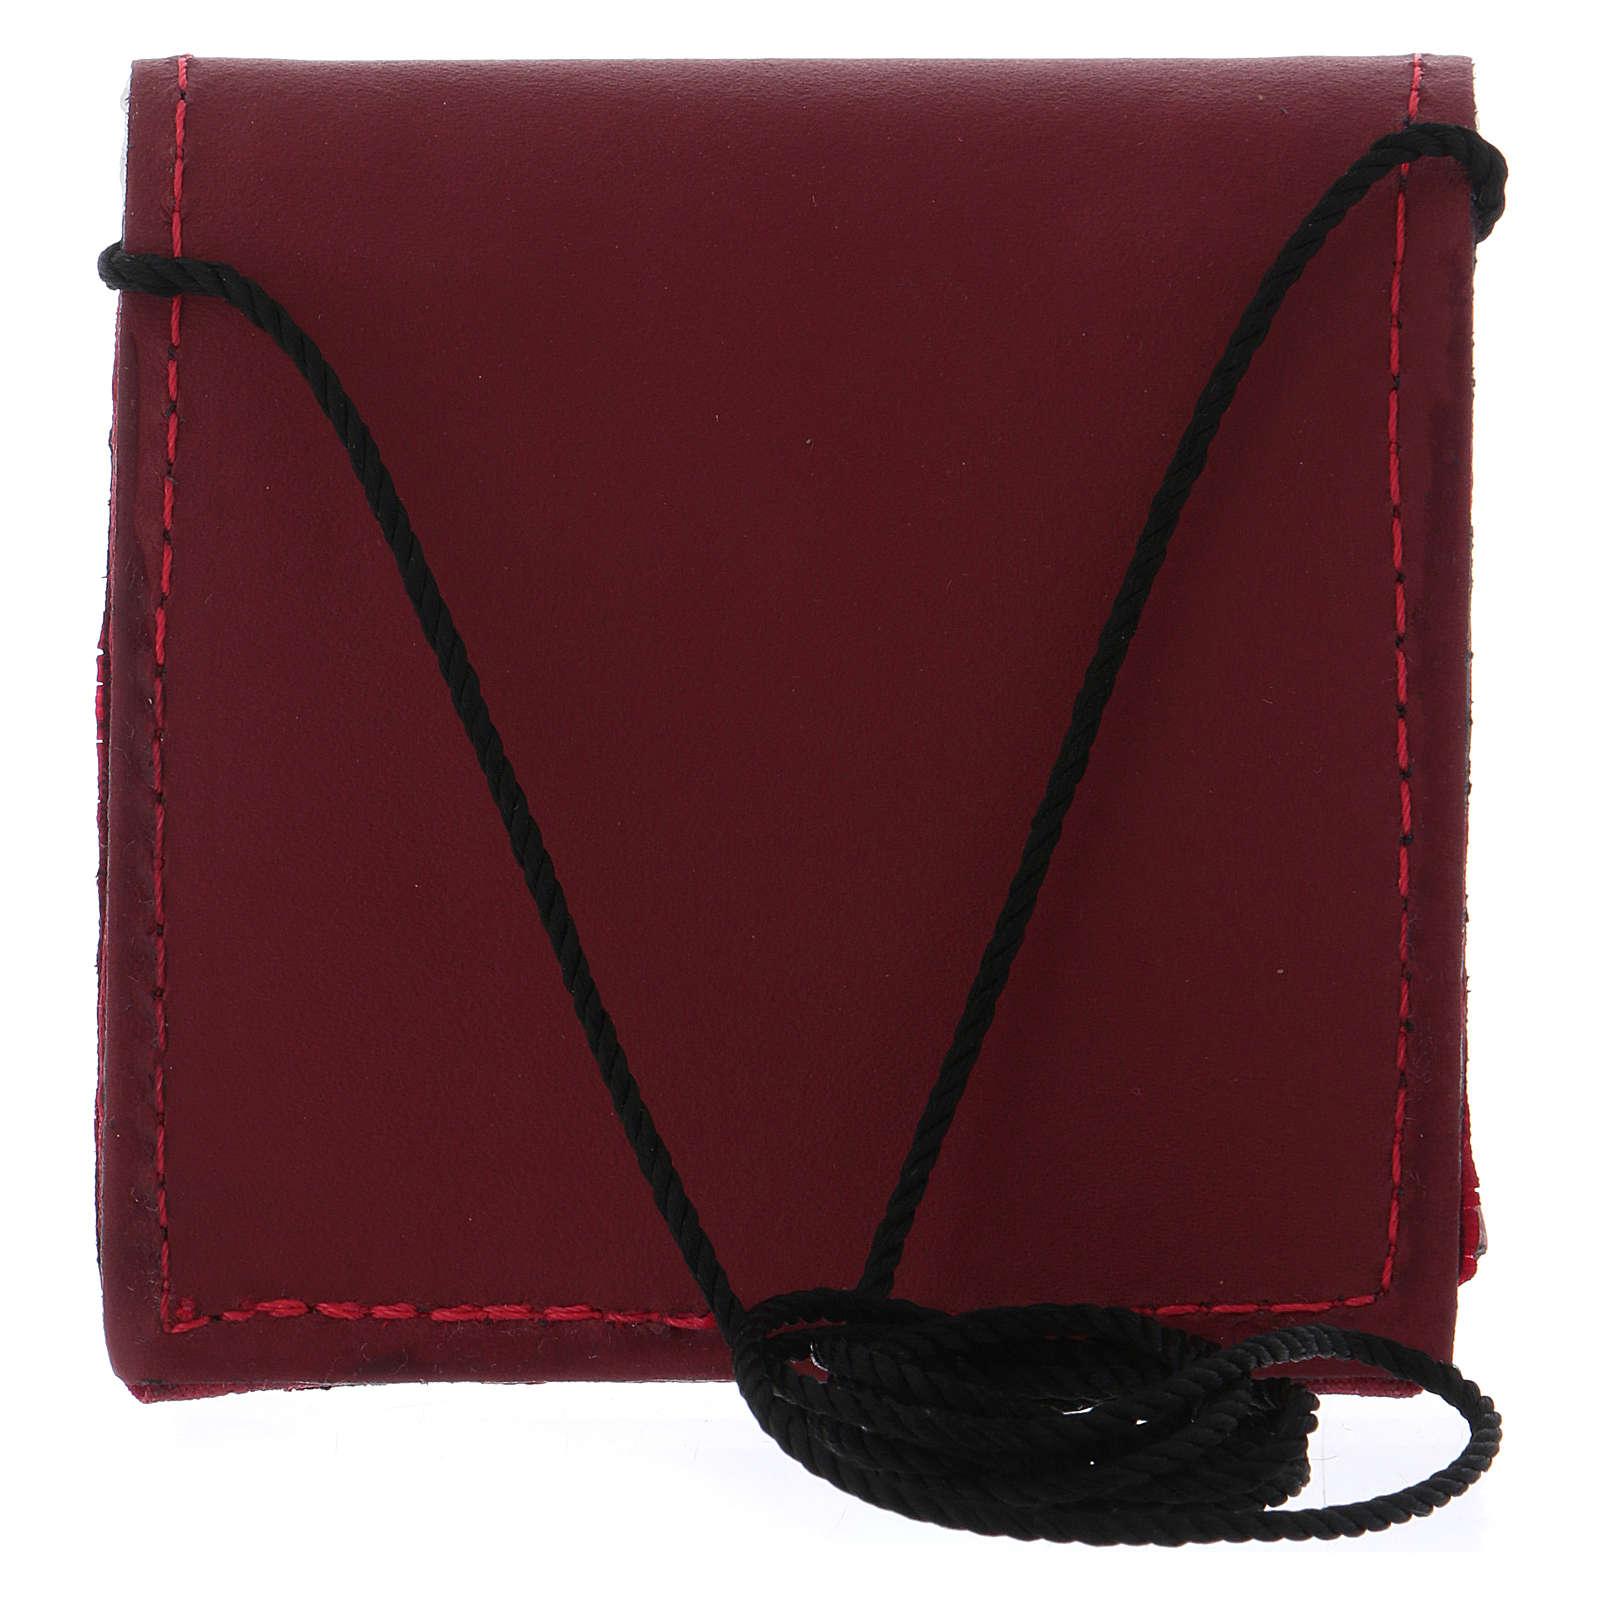 Borsetta portaviatico pelle rossa con bottone nero e tracollina in tessuto 3